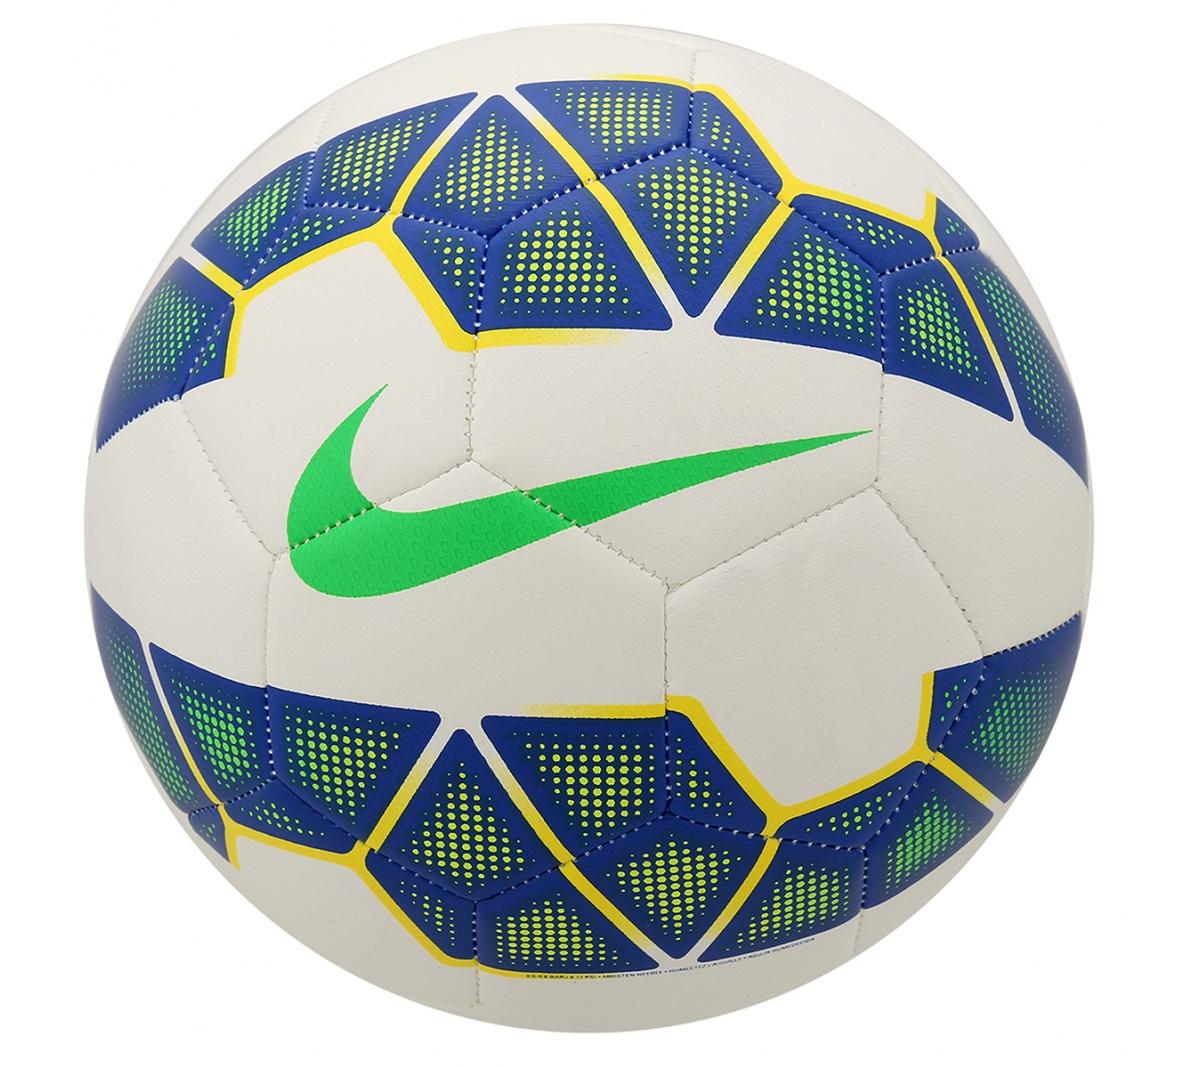 8c6af375b4 Bola Nike Strike CBF Campo - Mundo do Futebol